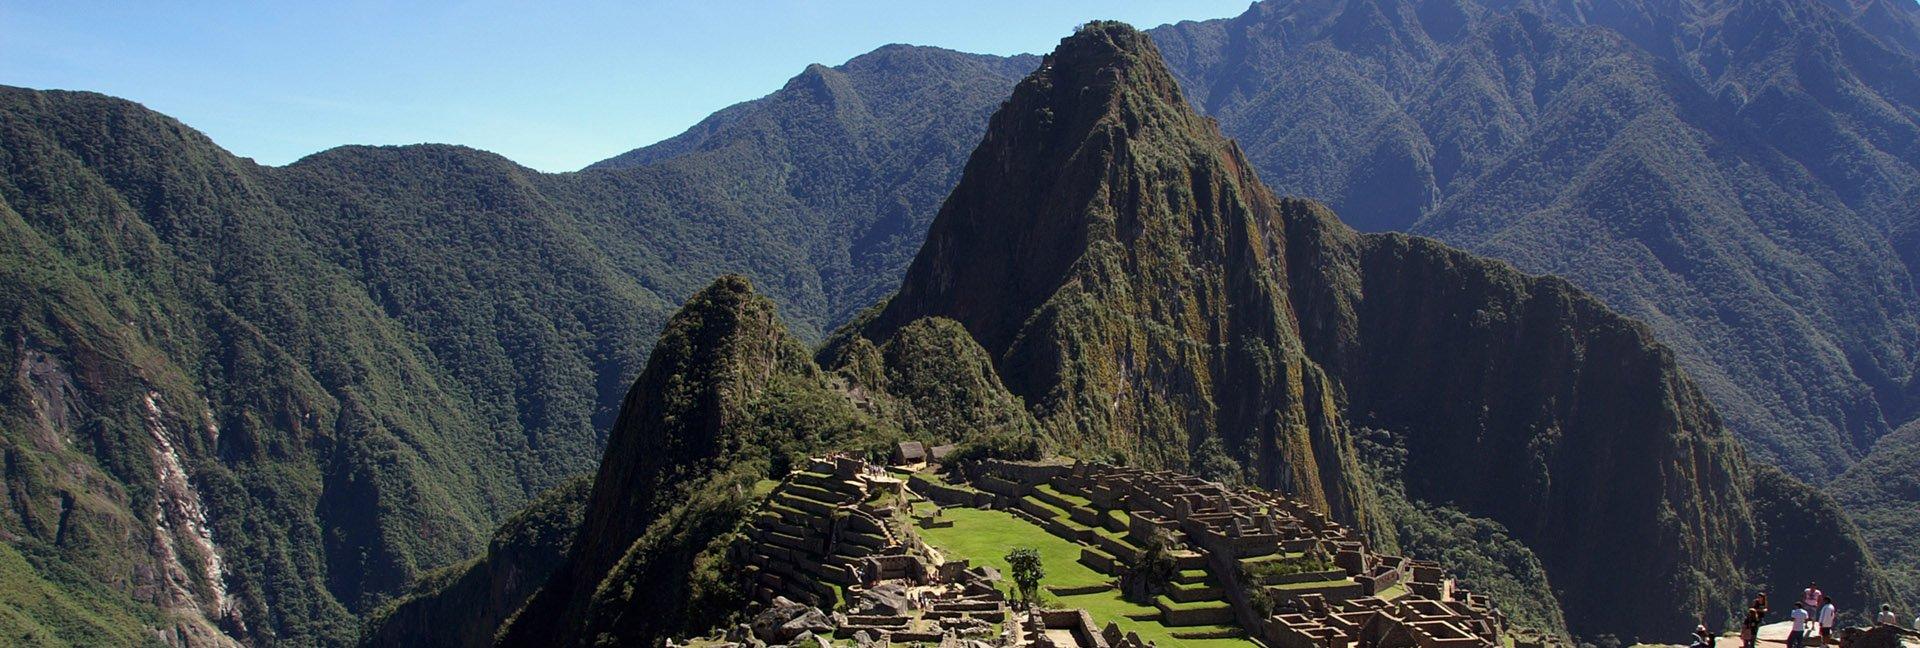 Peru Reisen - Machu Picchu